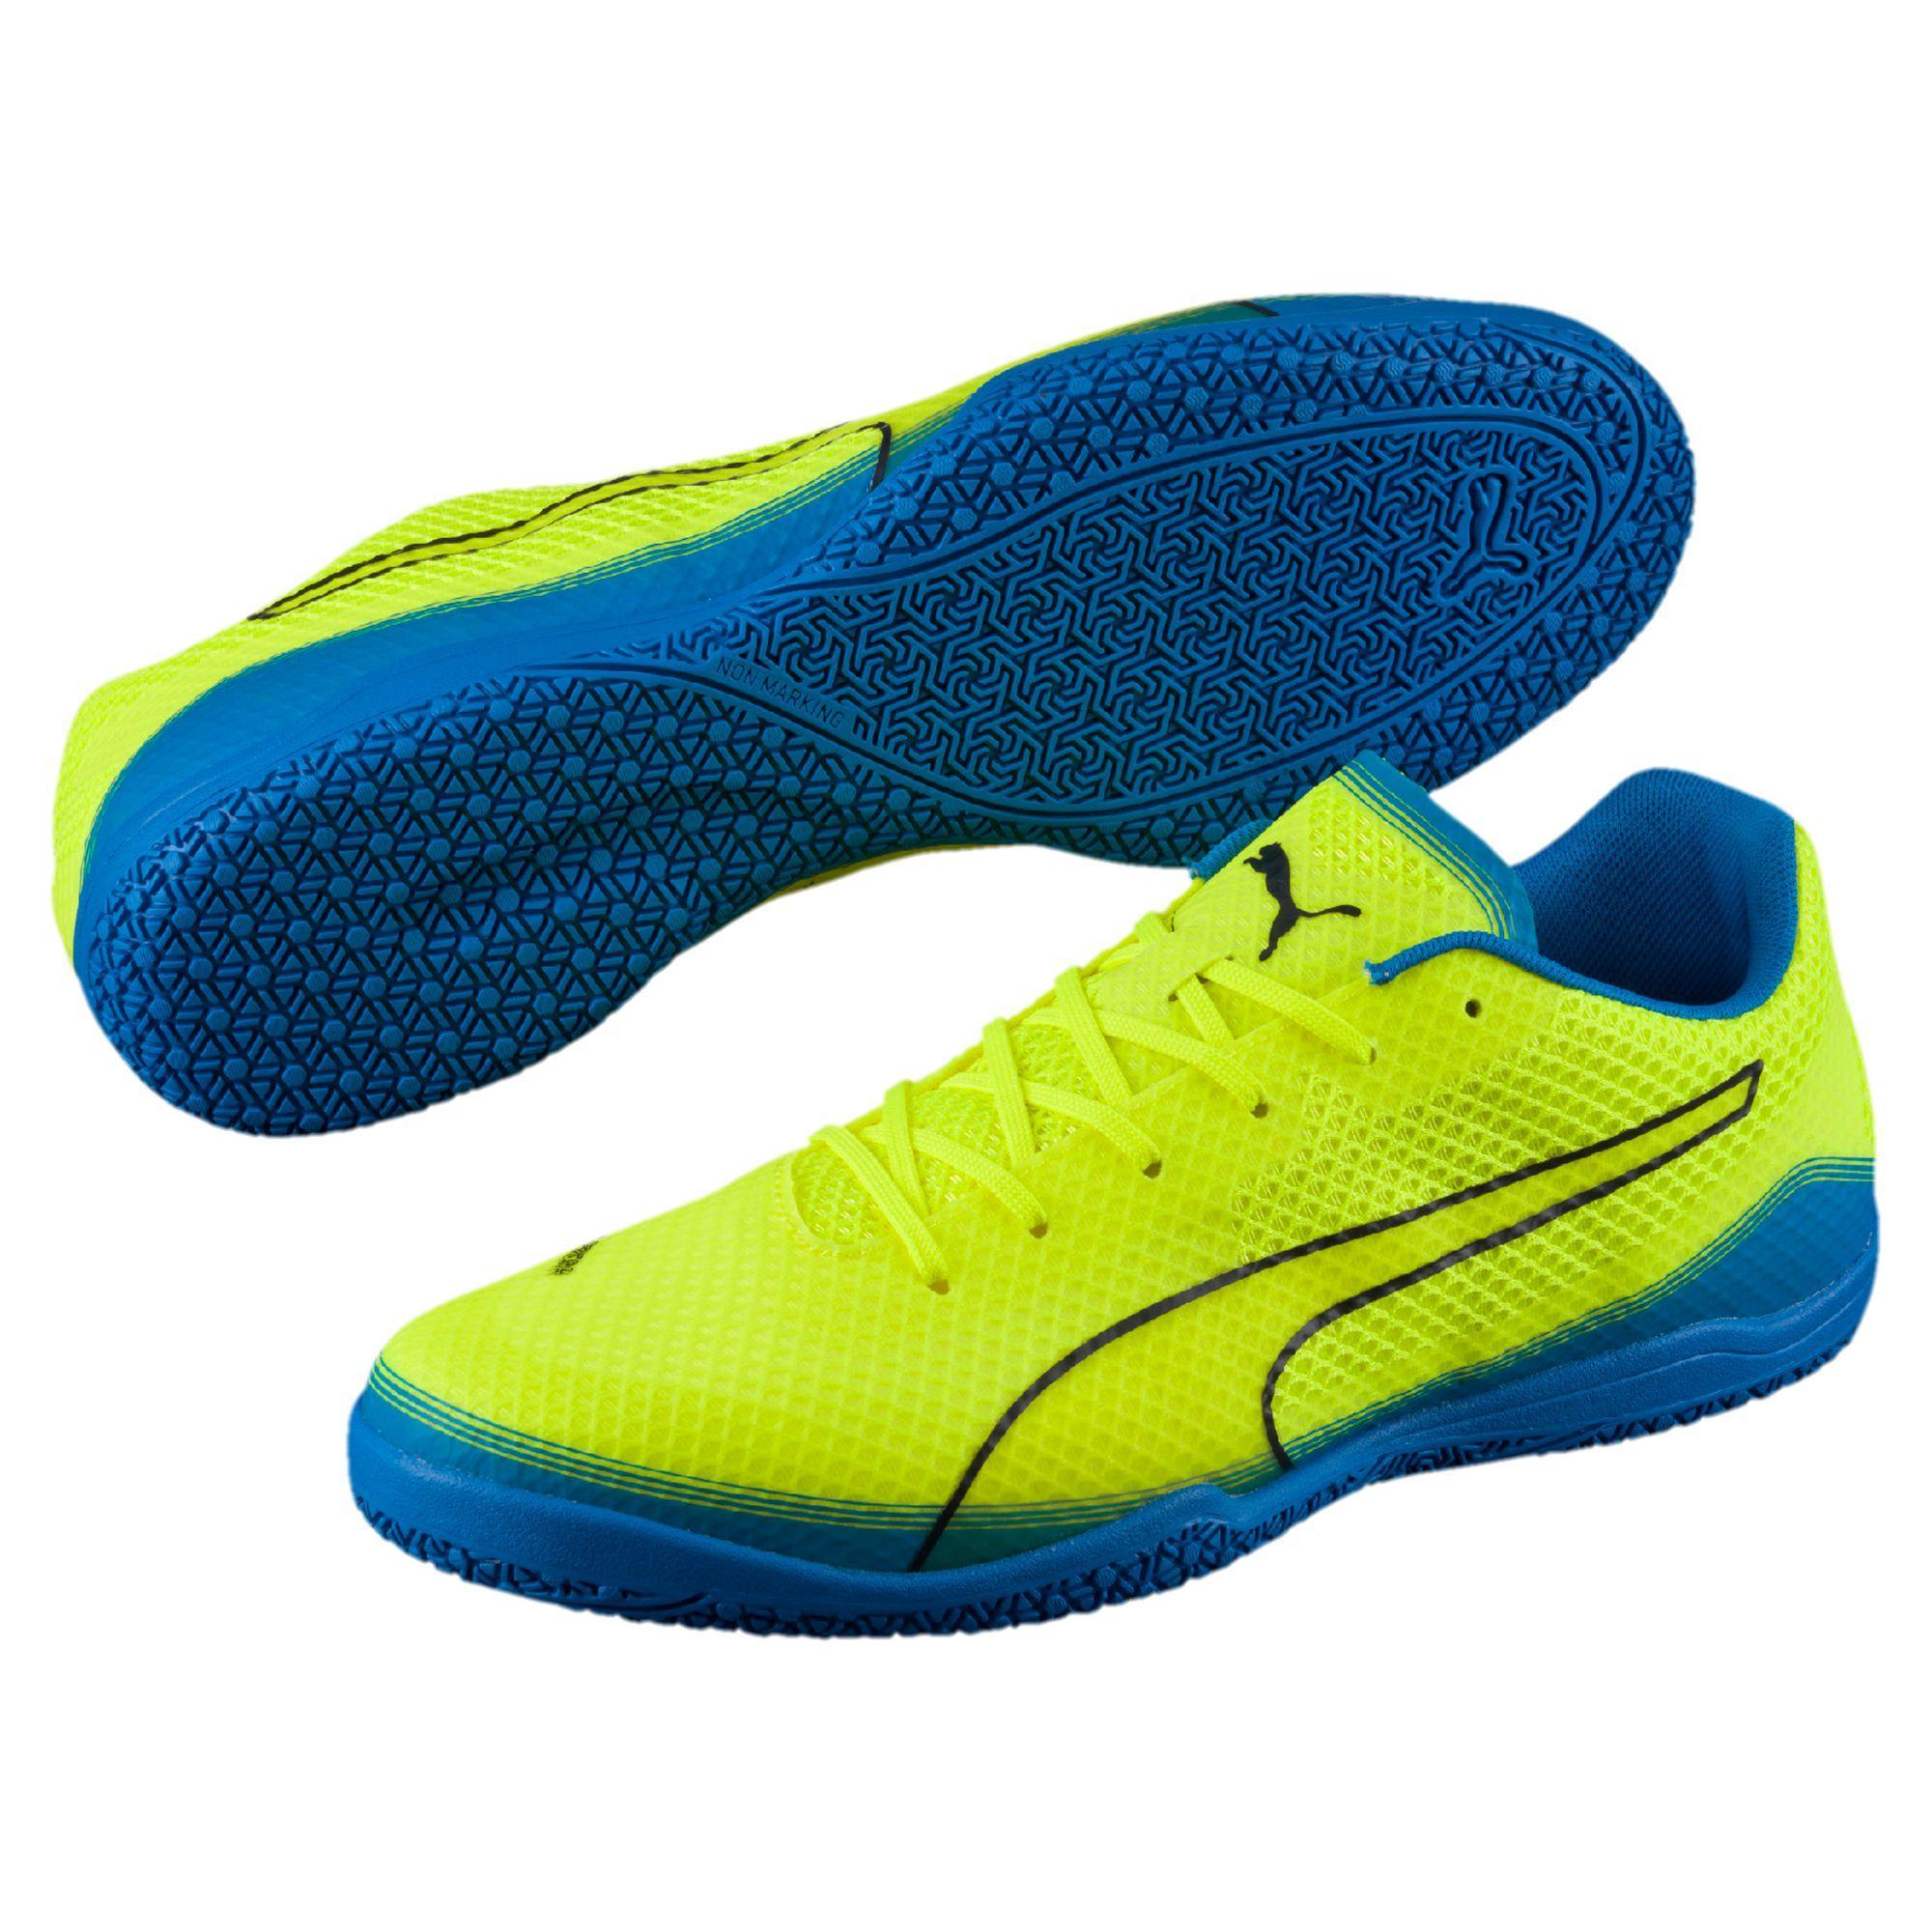 Lyst - PUMA Invicto Fresh Men s Indoor Soccer Shoes for Men 7ee7630de